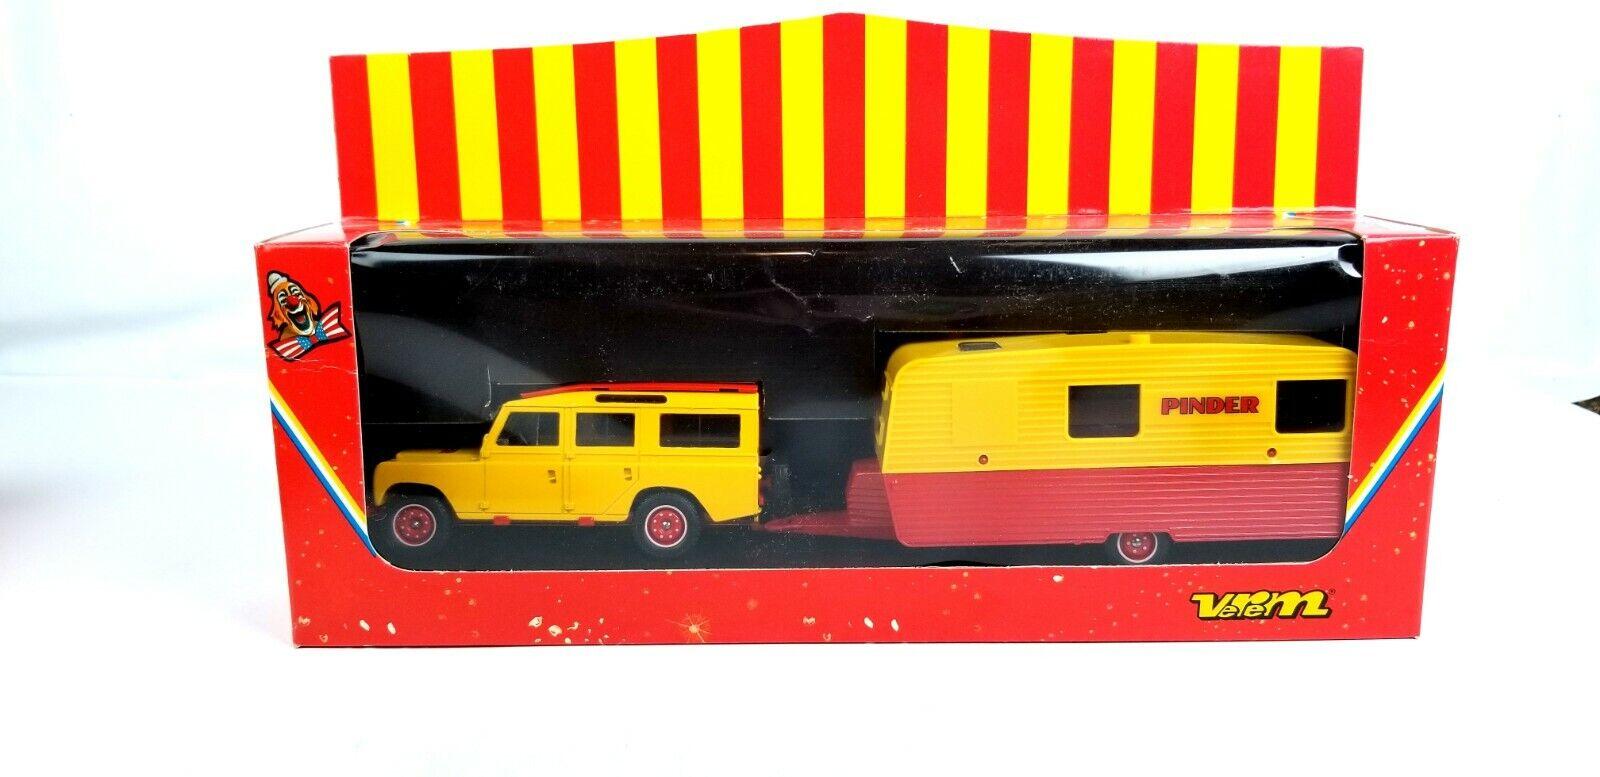 Vintage Verem Pinder giallo 1 43 o escala Diecast Metal Raro réplica de camión modelo